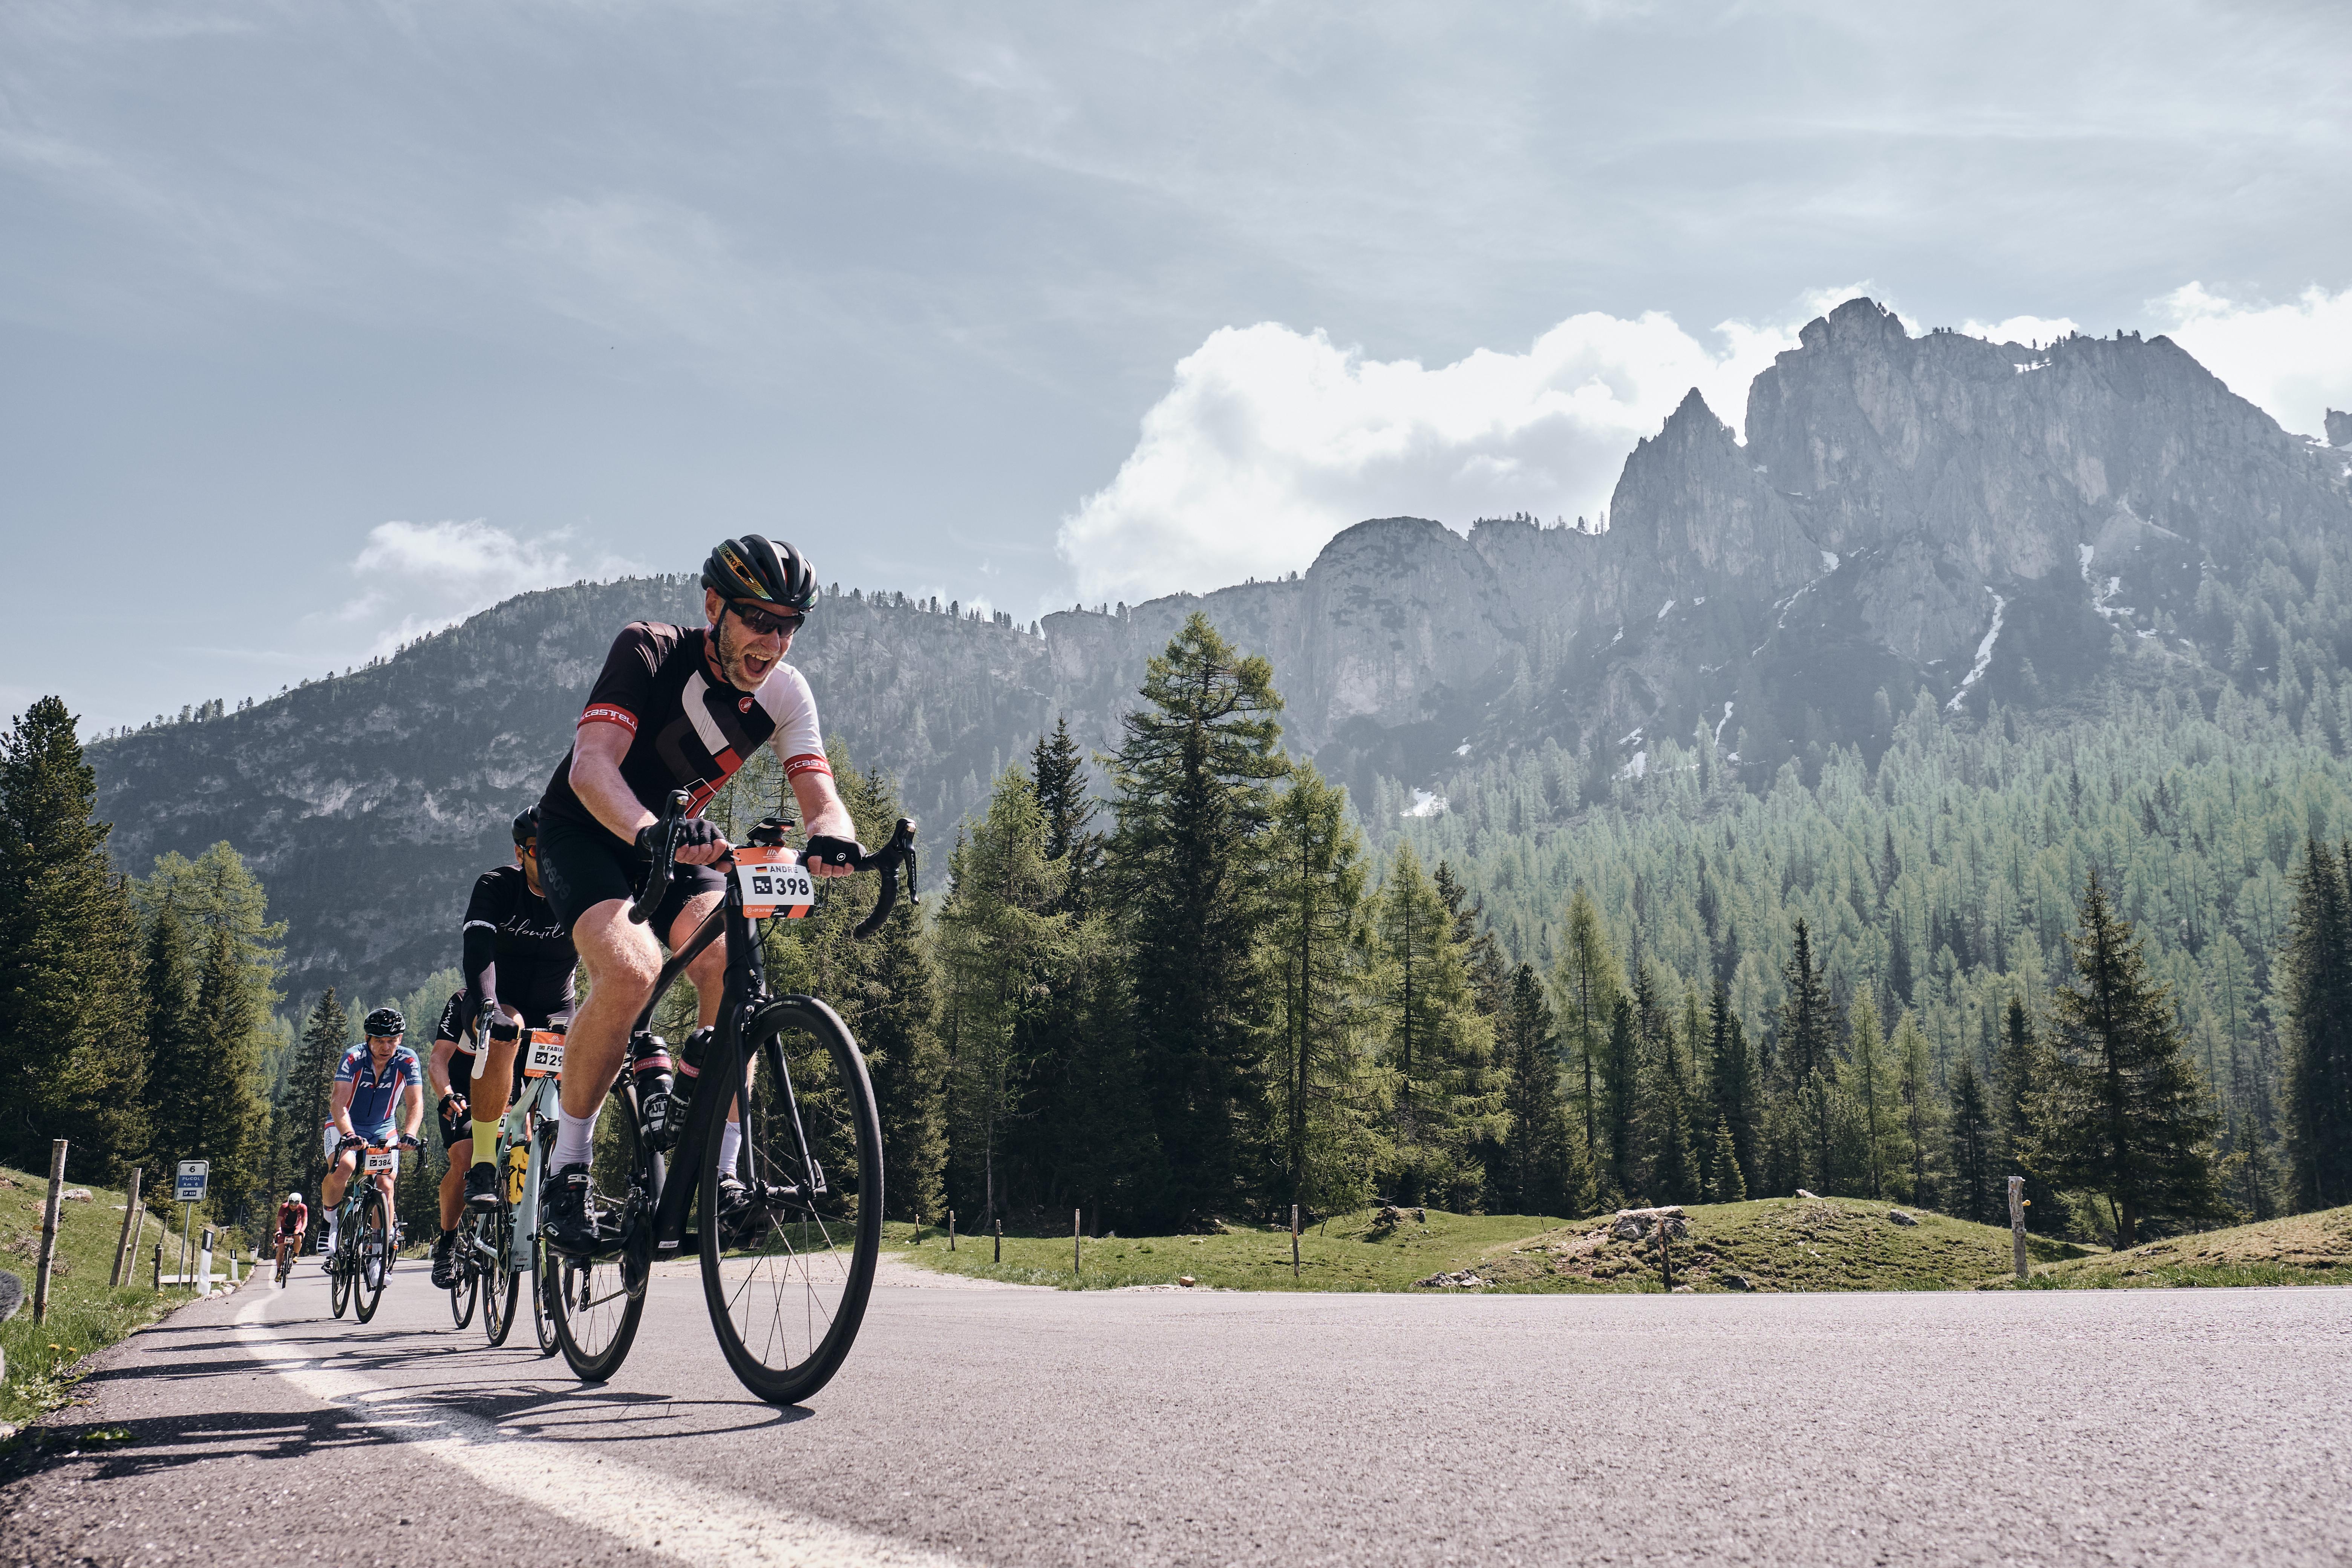 ICARUS体育和顶级自行车系列赛Haute Route建立合作里程碑